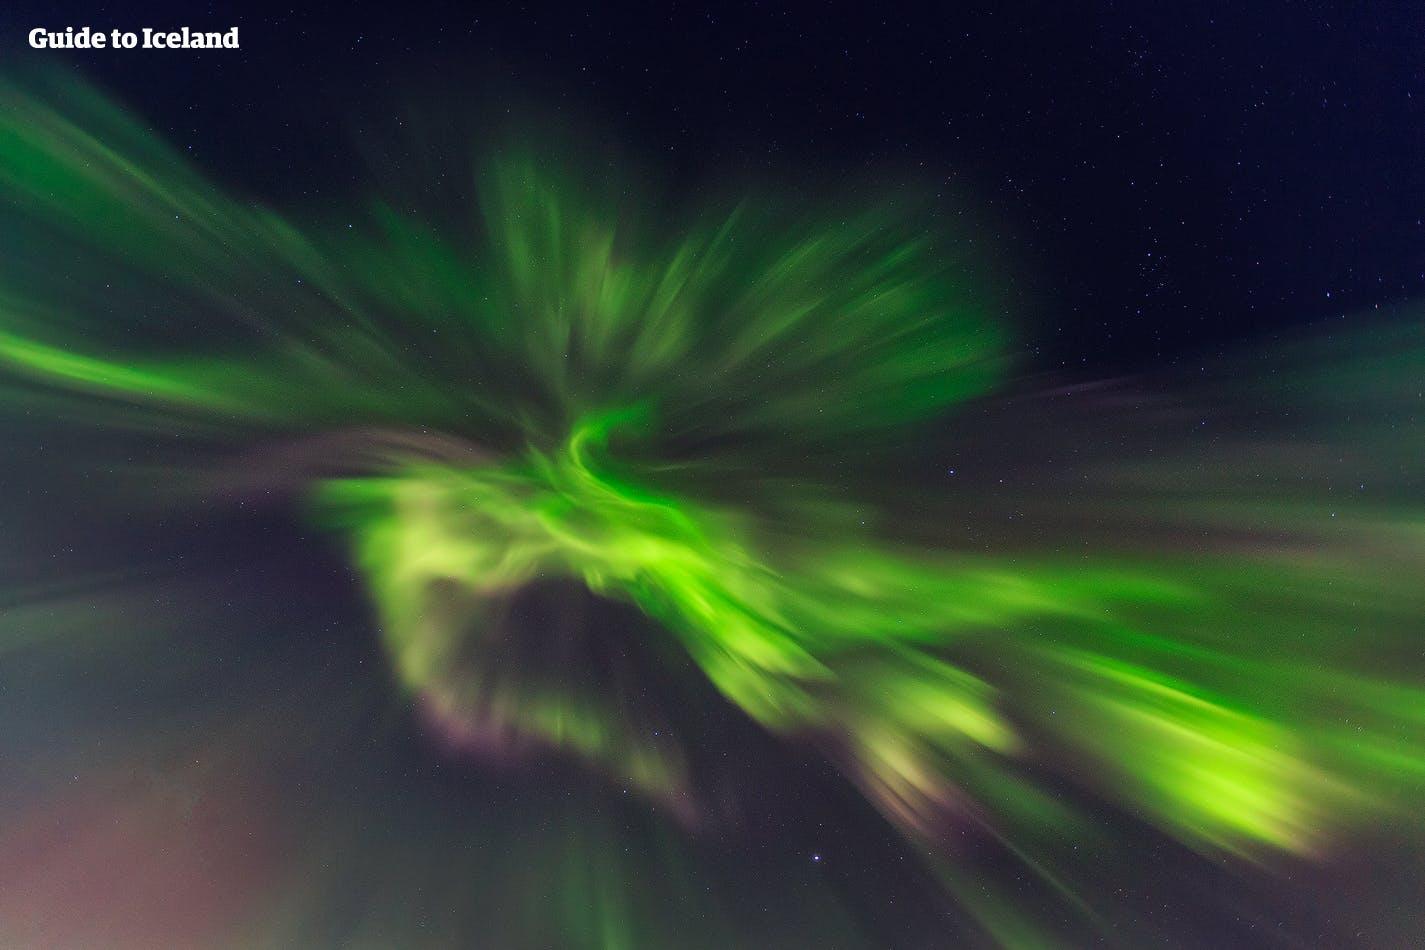 灿烂的北极光在冰岛夜空中舞动,如梦似幻